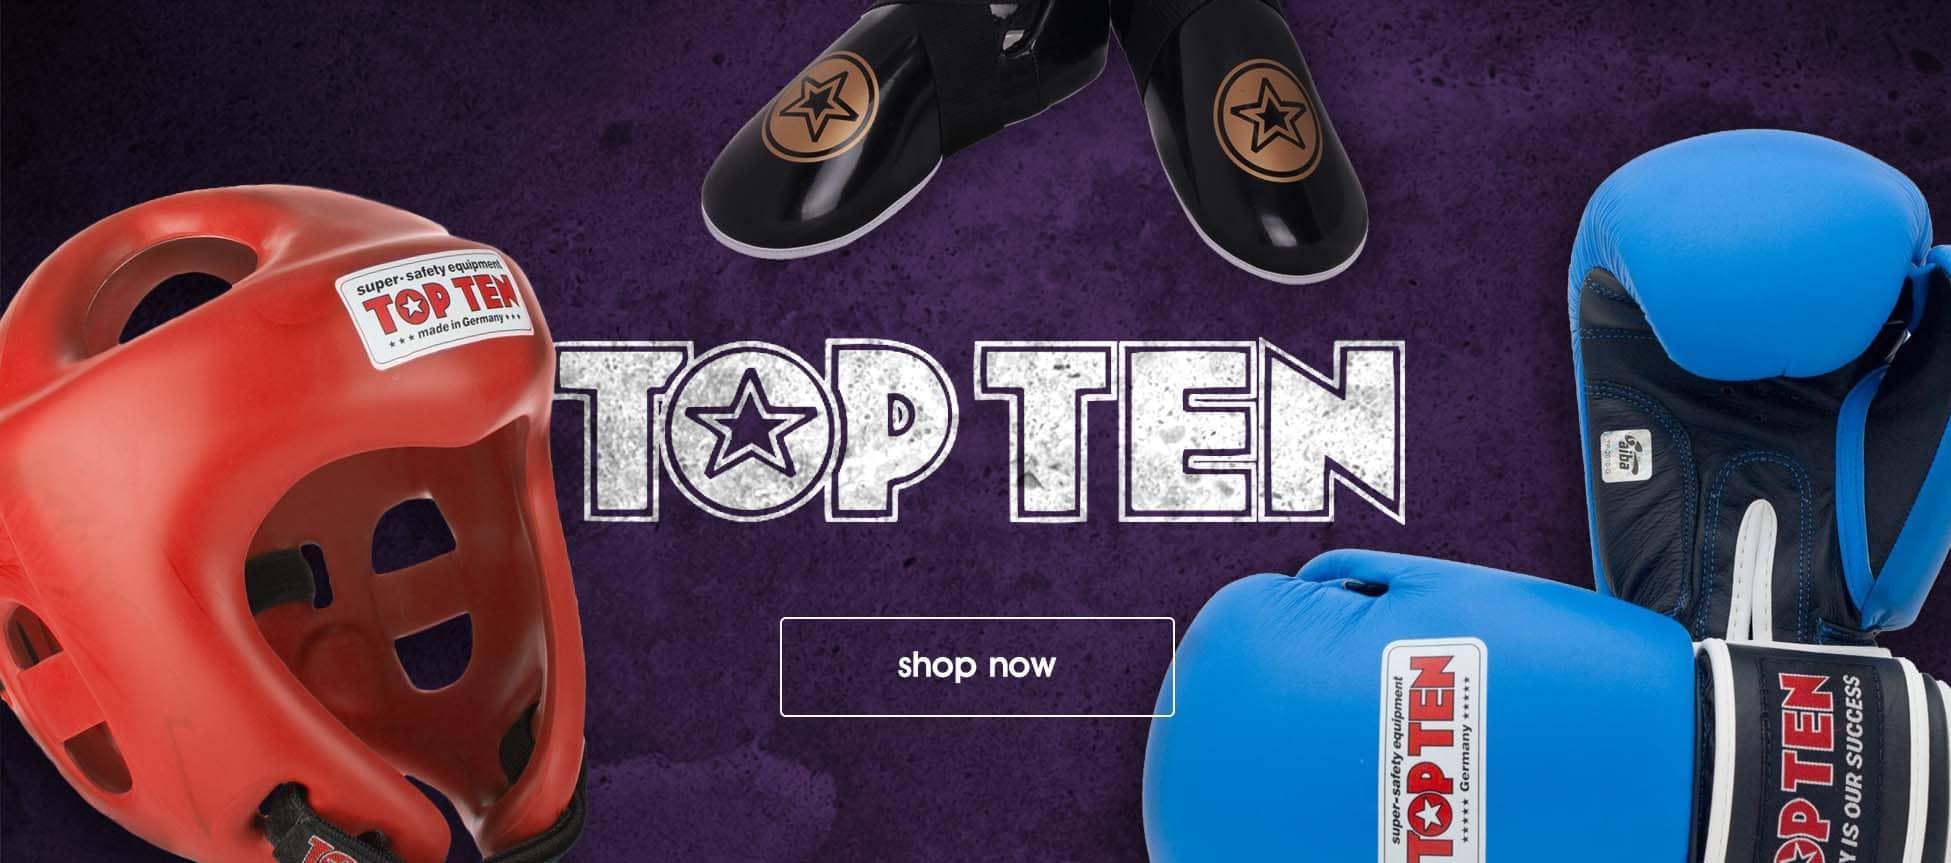 Shop Top Ten Fight Equipment